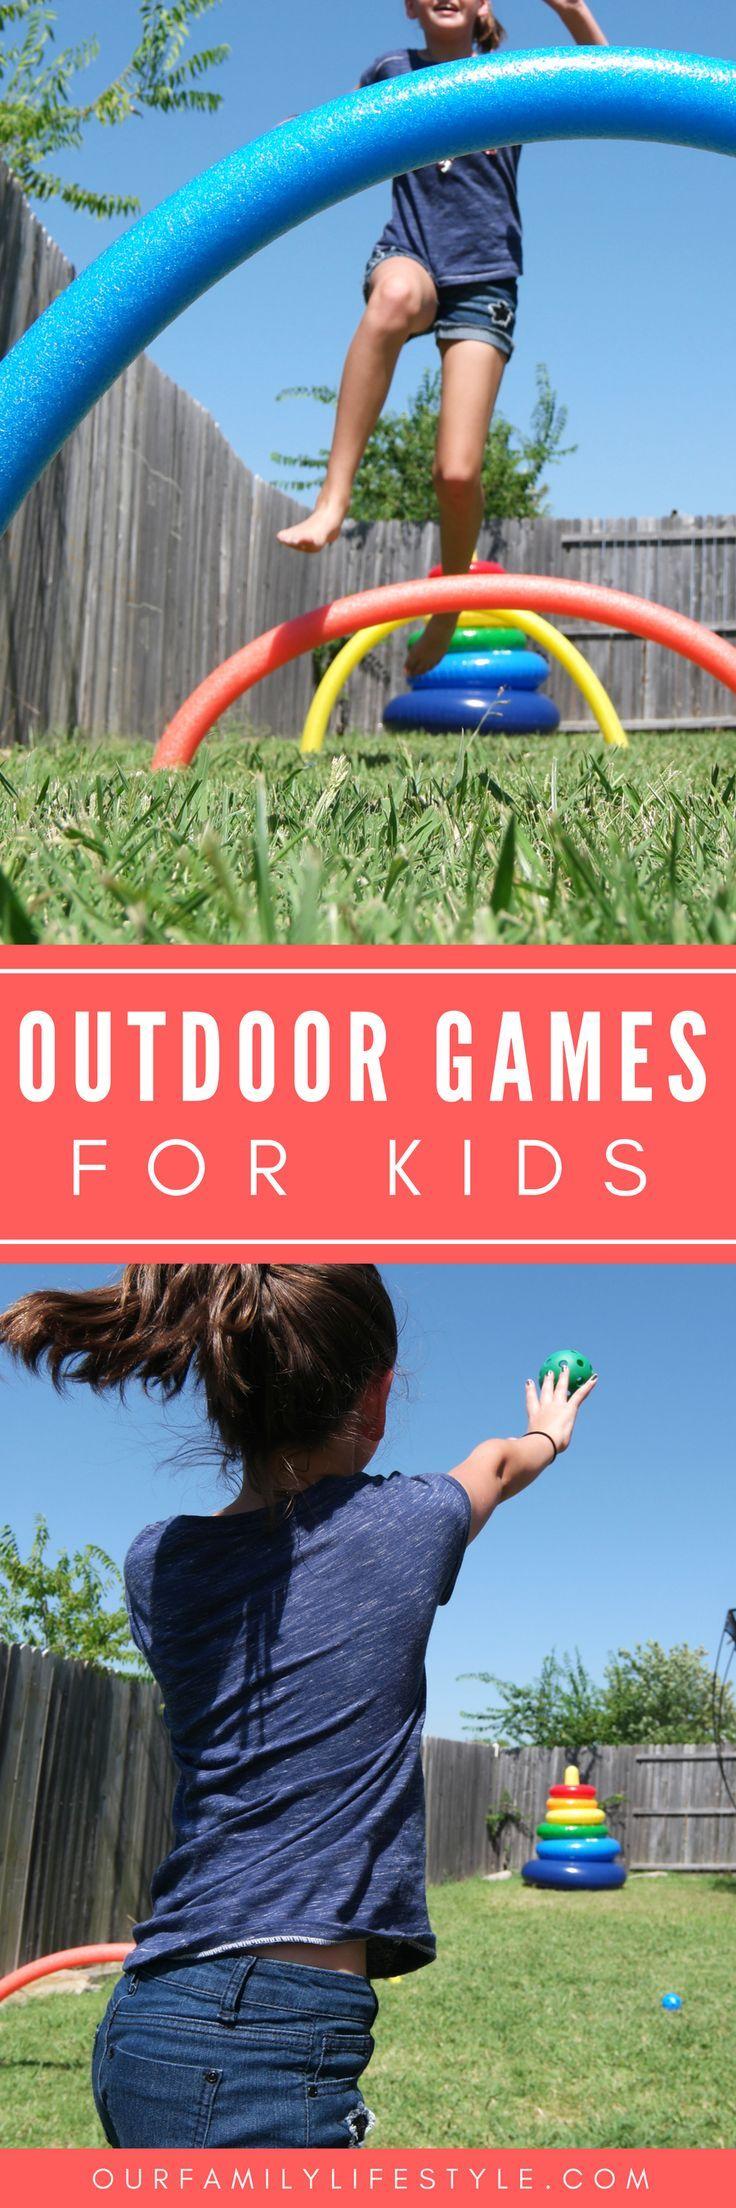 Outdoor Activities for Children Host Your Own Backyard